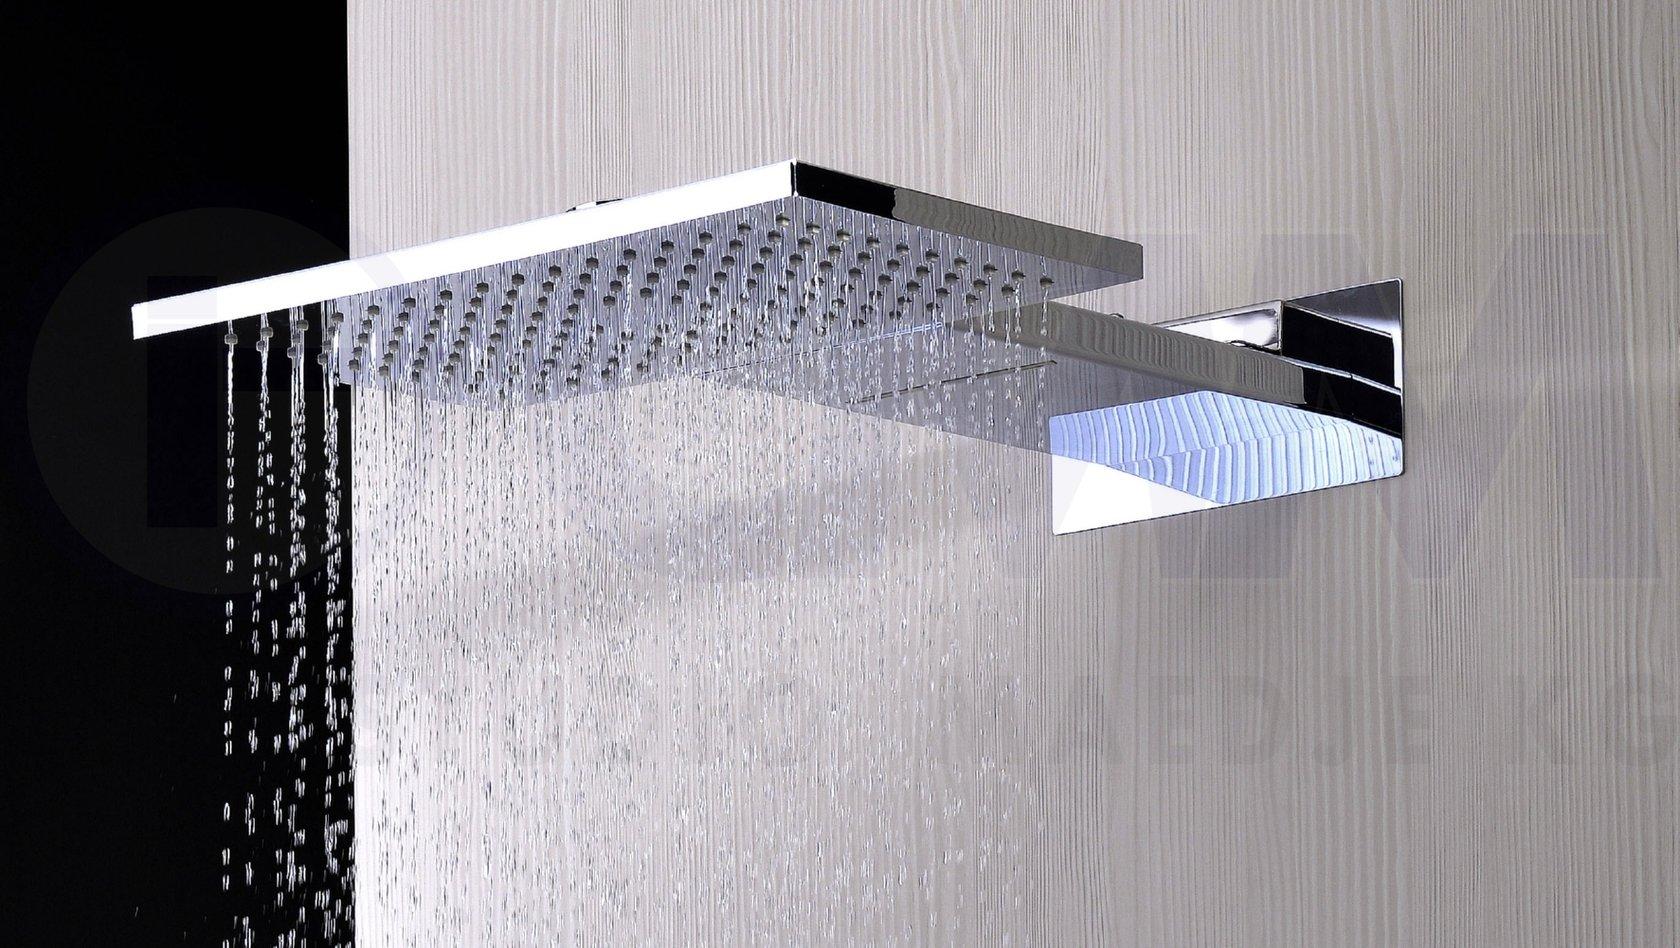 design regendusche regenbrause quadro eckig mit wasserfall 2 in 1 edelstahl verchromt 55x36cm - Wasserfall Regendusche